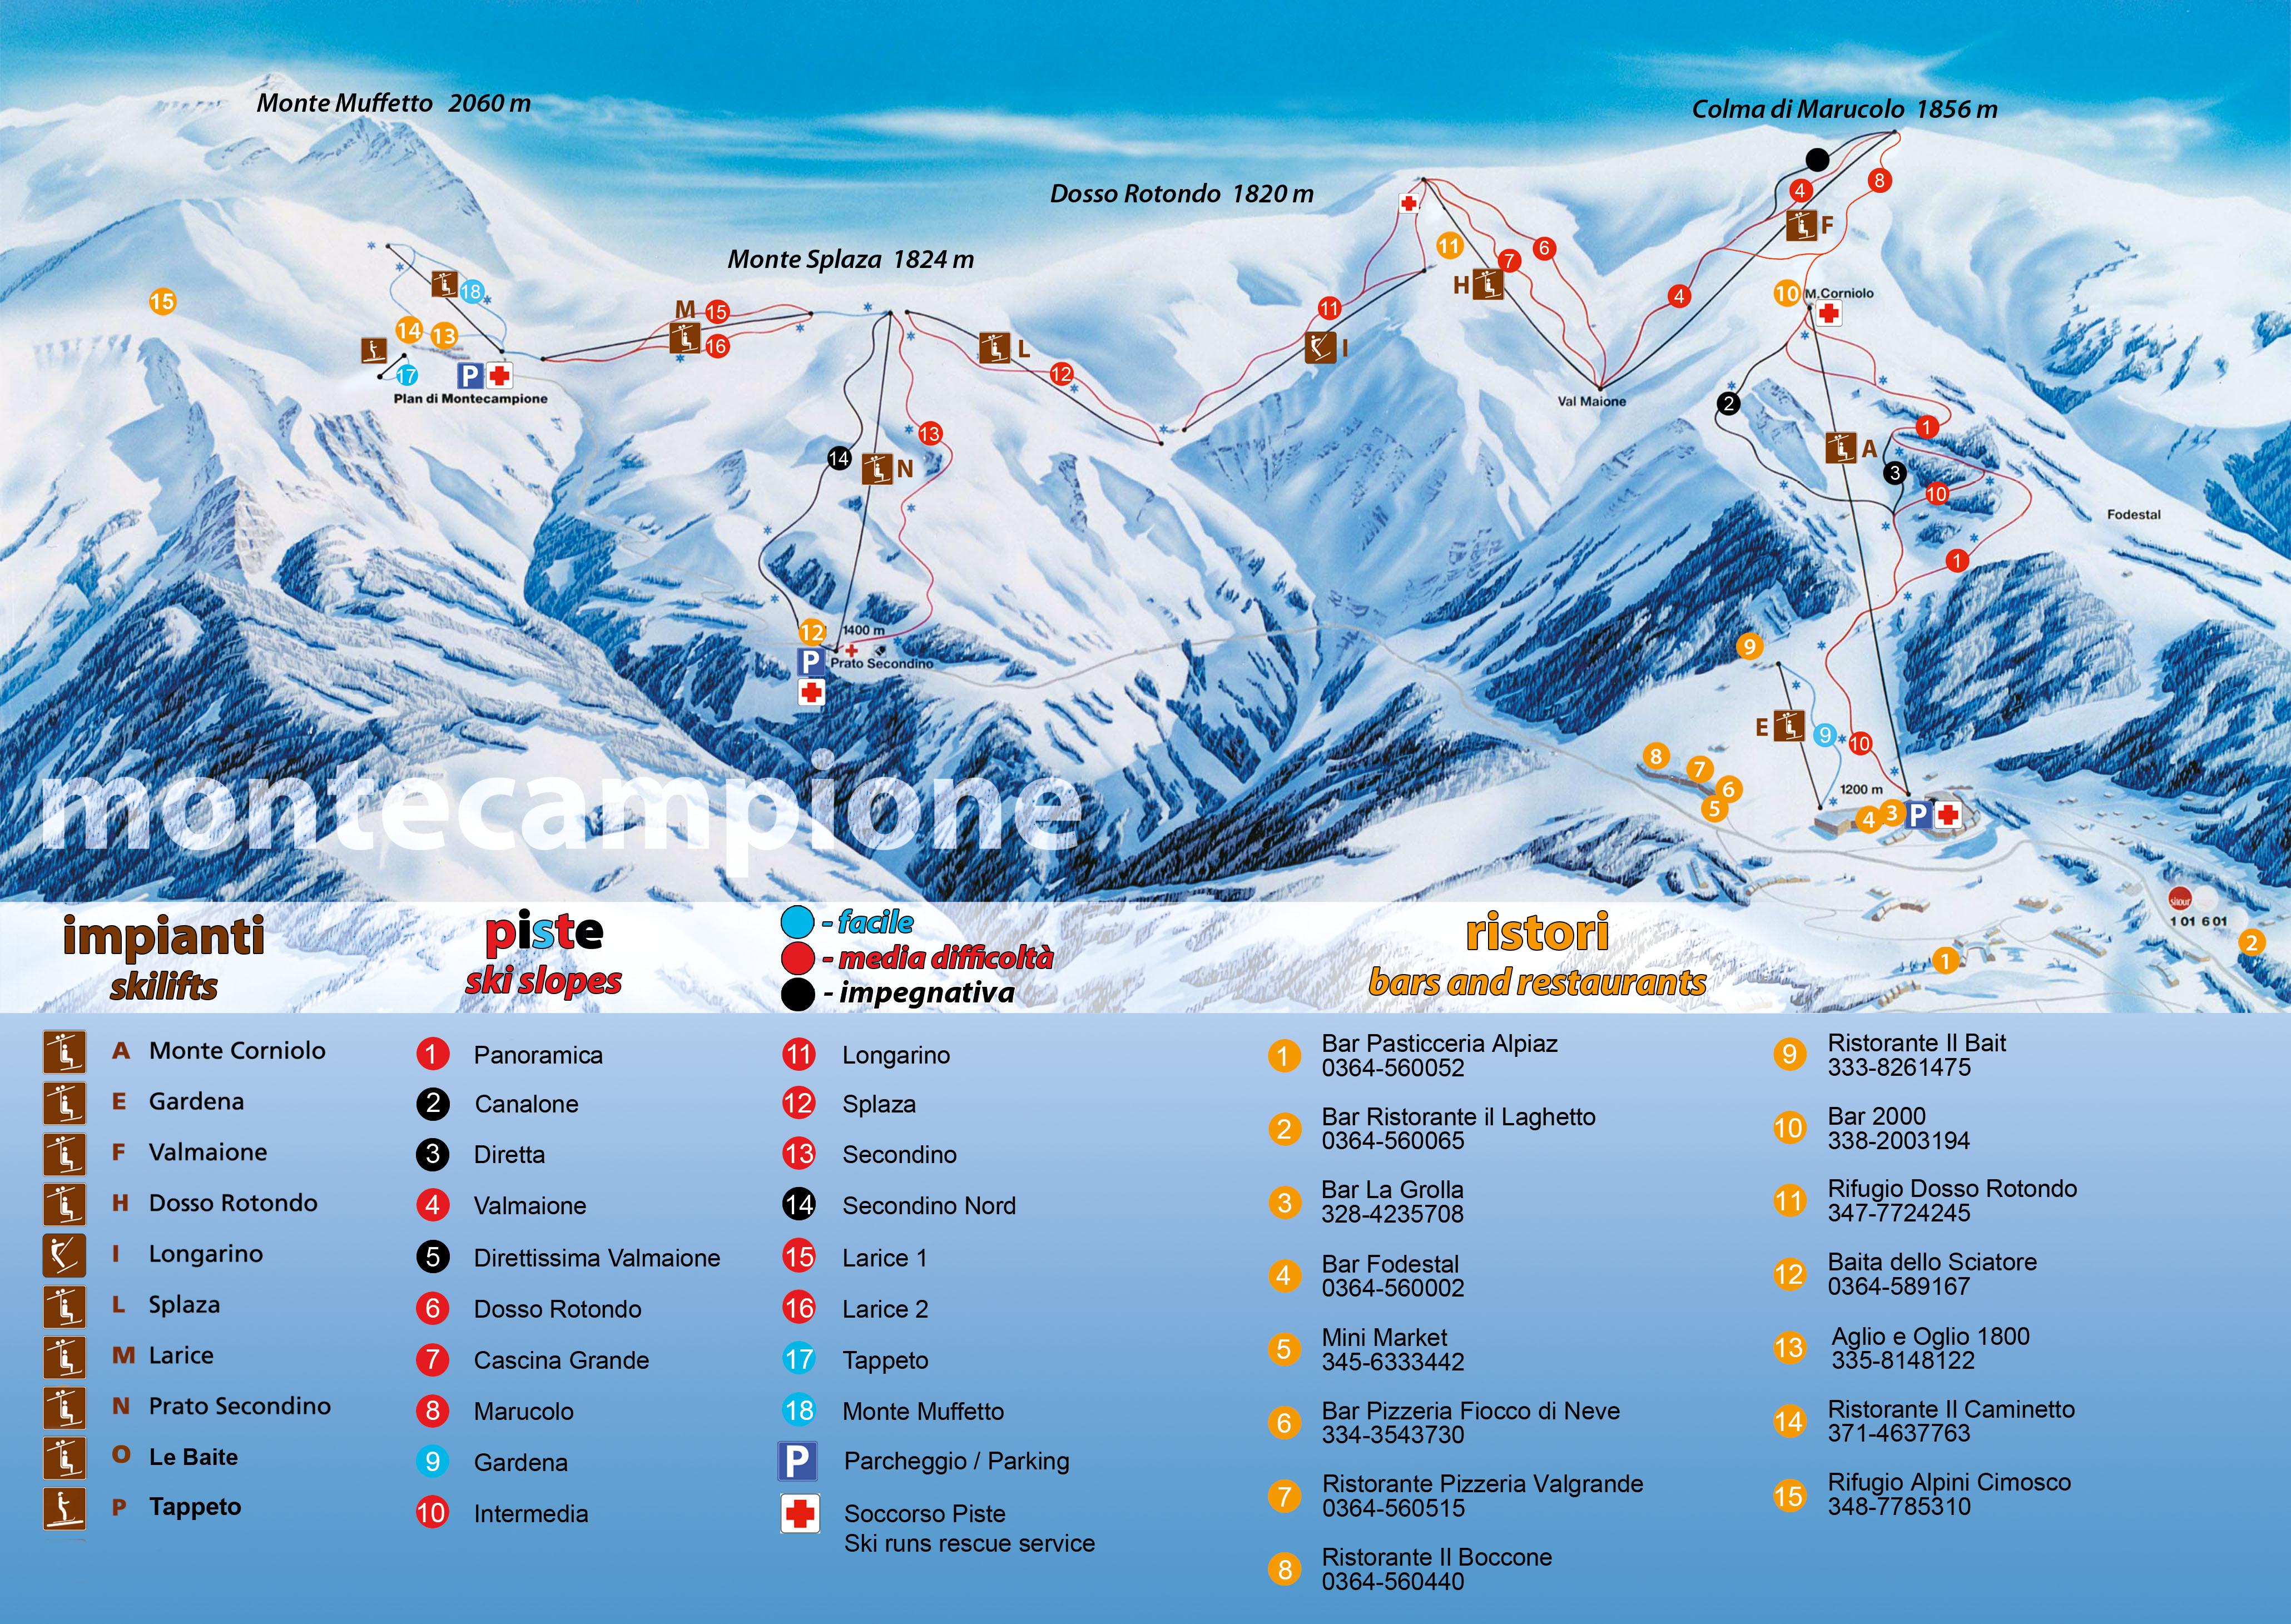 Mappa impianti sciistici Montecampione - 2020